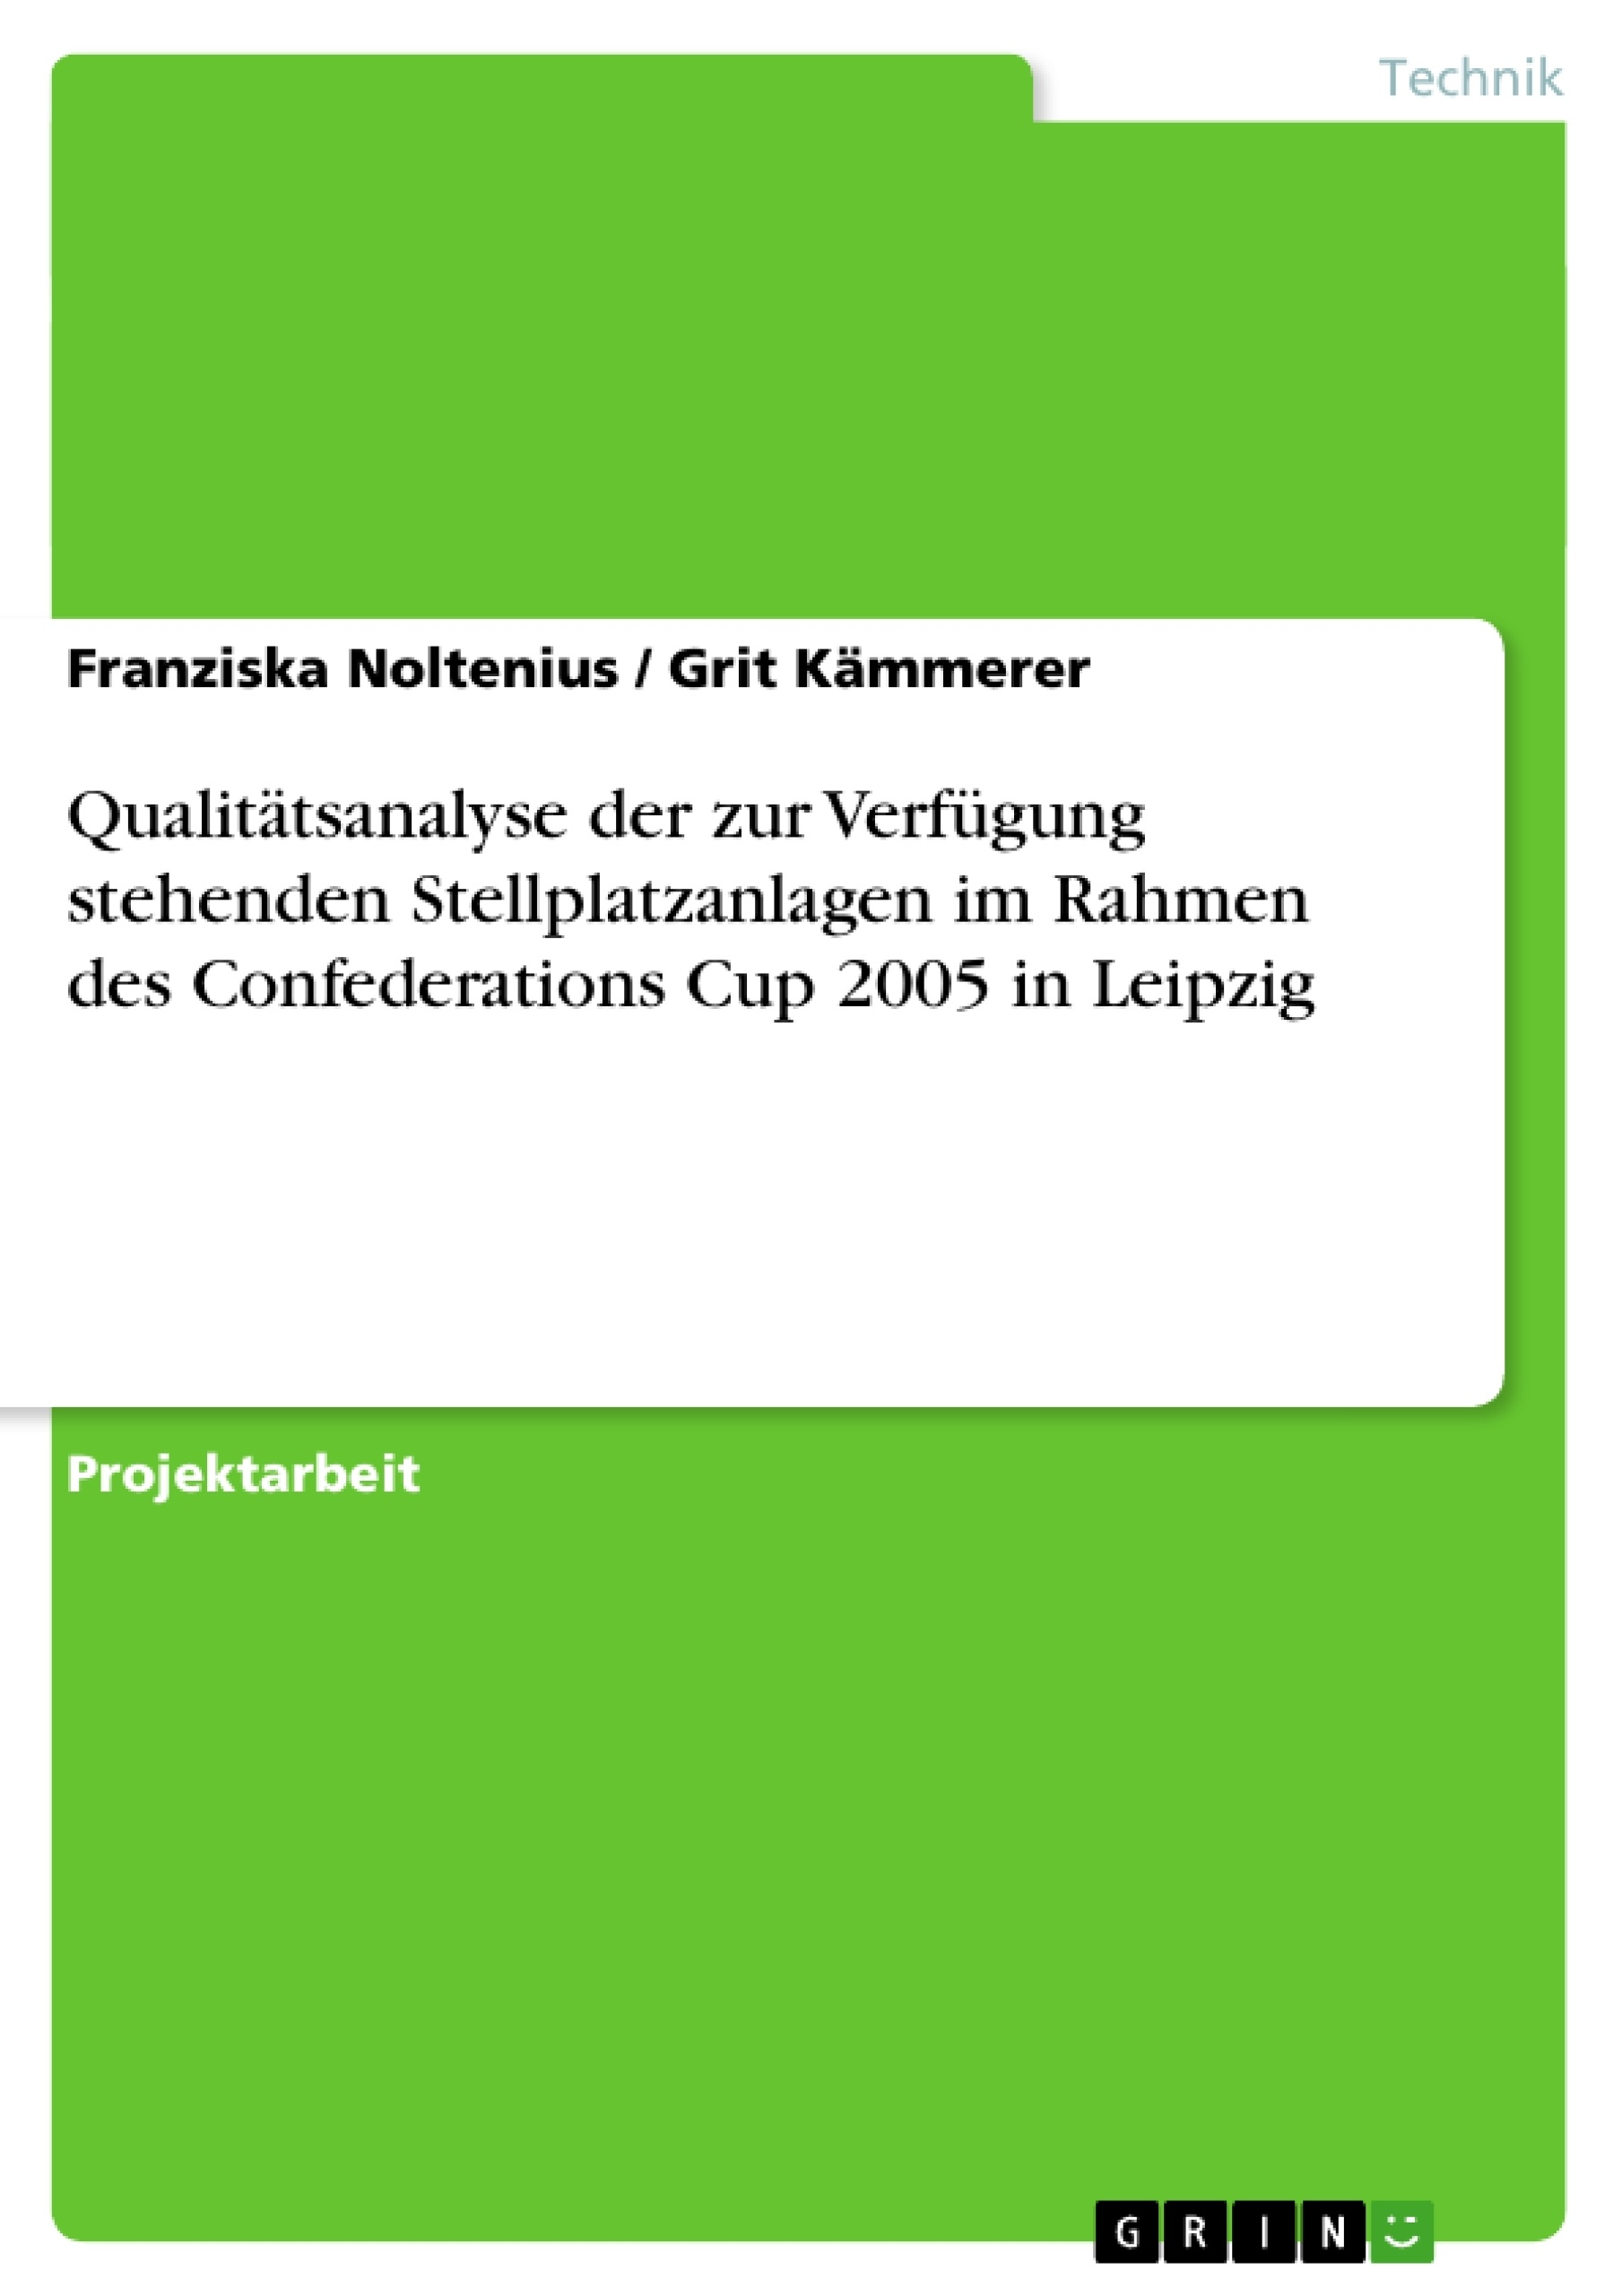 Titel: Qualitätsanalyse der zur Verfügung stehenden Stellplatzanlagen im Rahmen des Confederations Cup 2005 in Leipzig